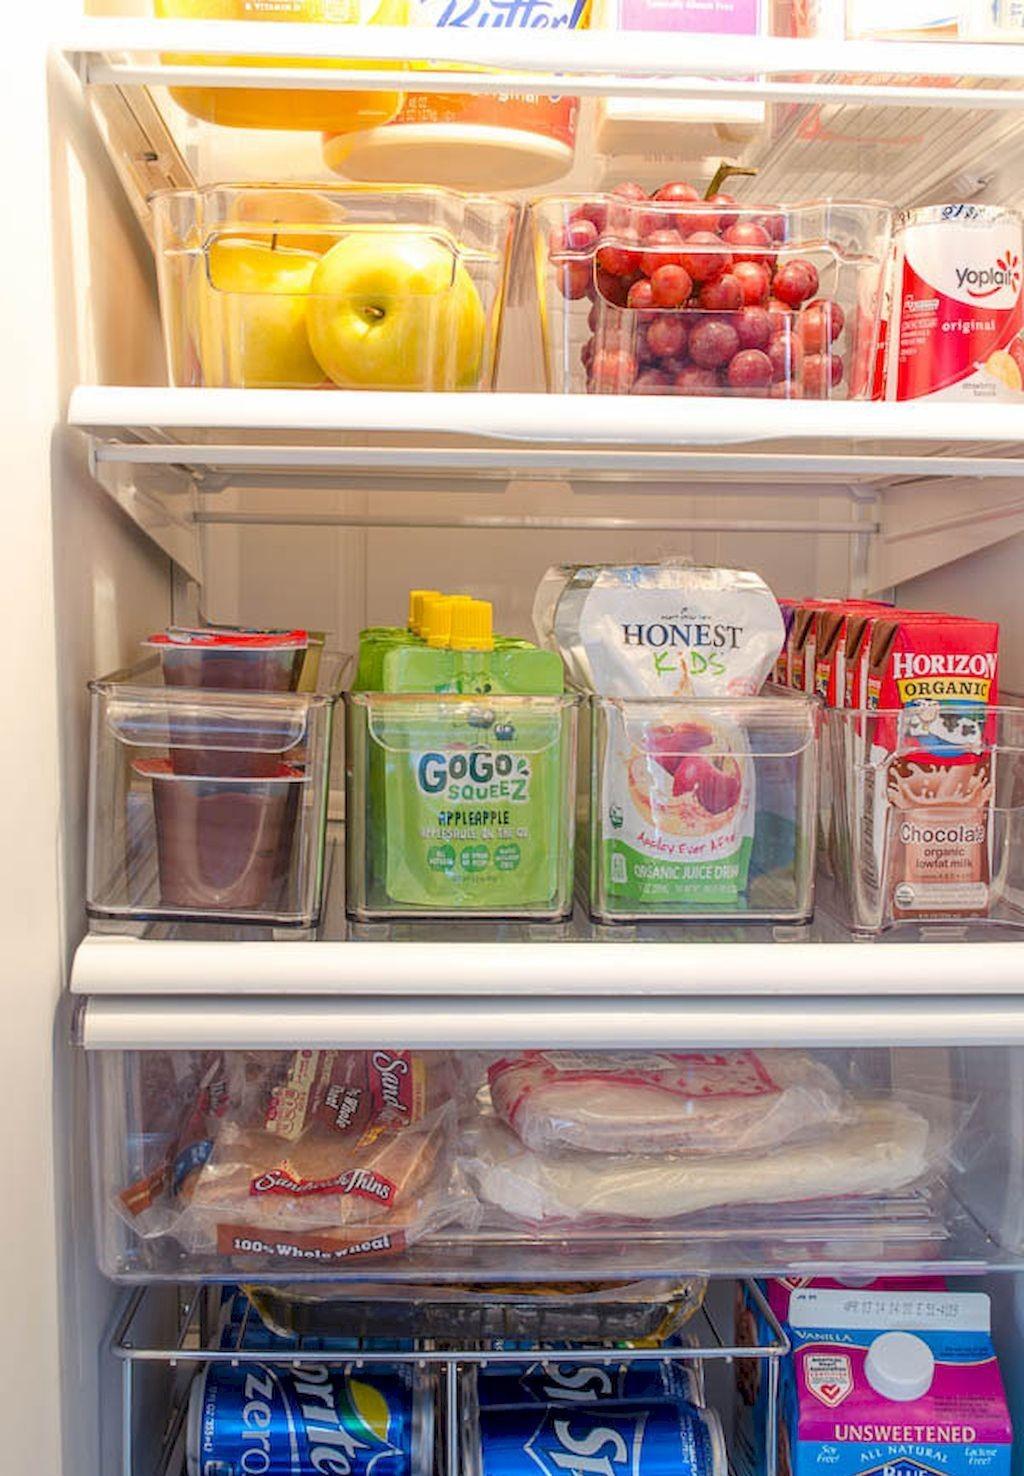 способы содержания холодильника в чистоте фото 5